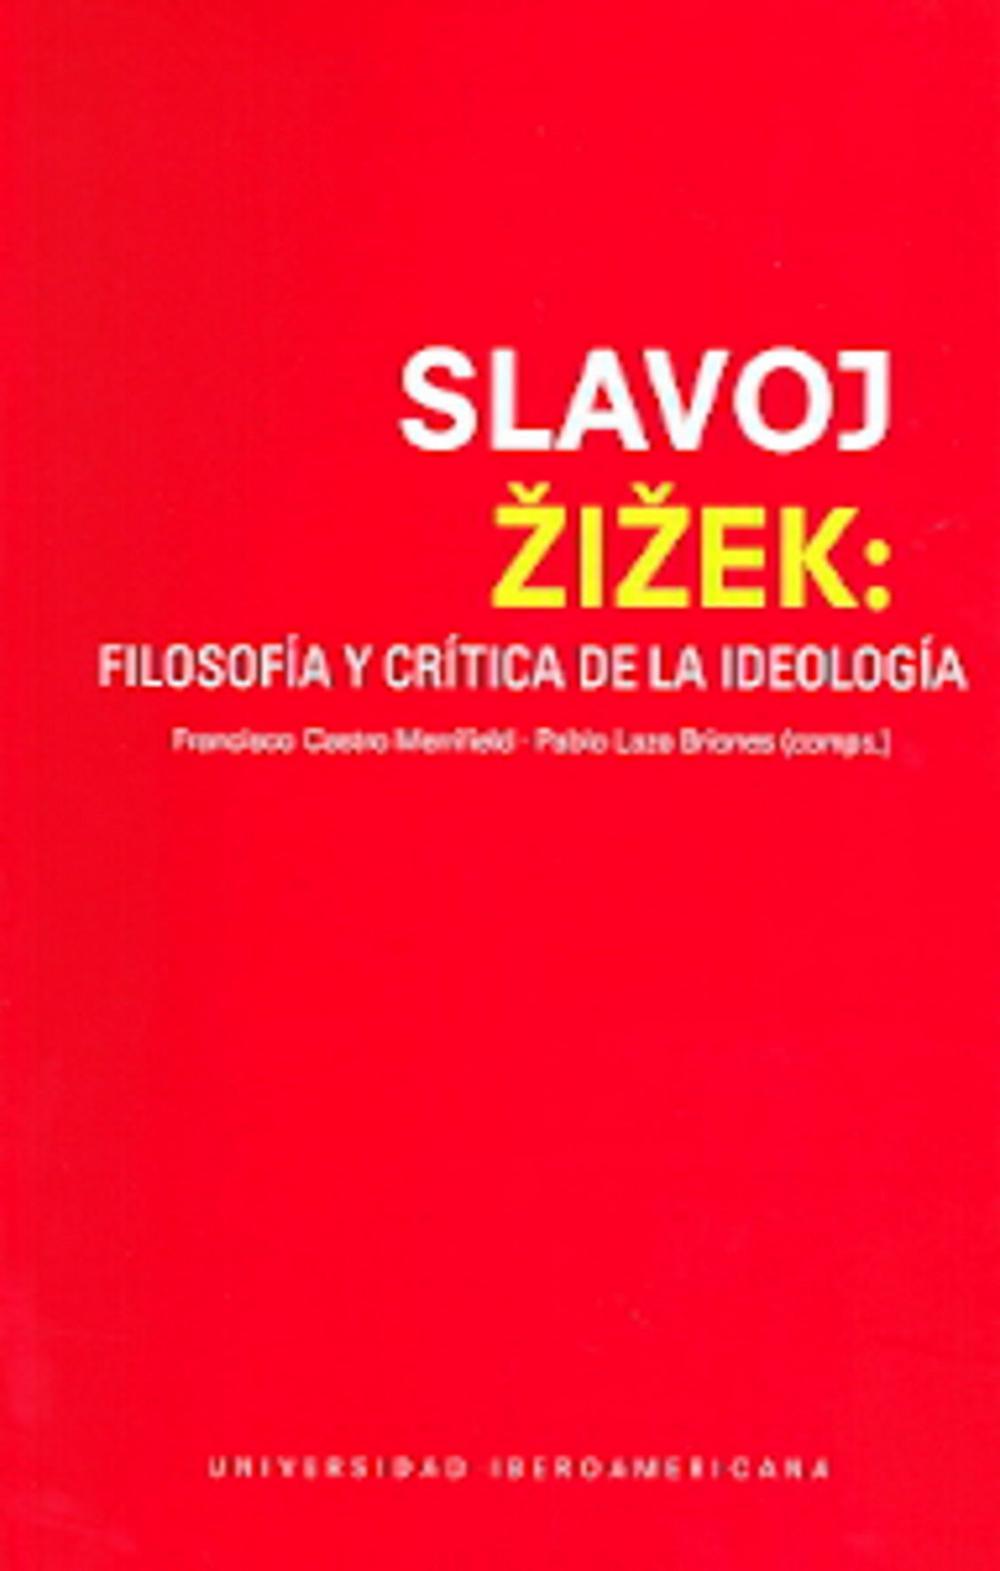 SLAVOJ ZIZEK: FILOSOFÍA Y CRÍTICA DE LA IDEOLOGÍA